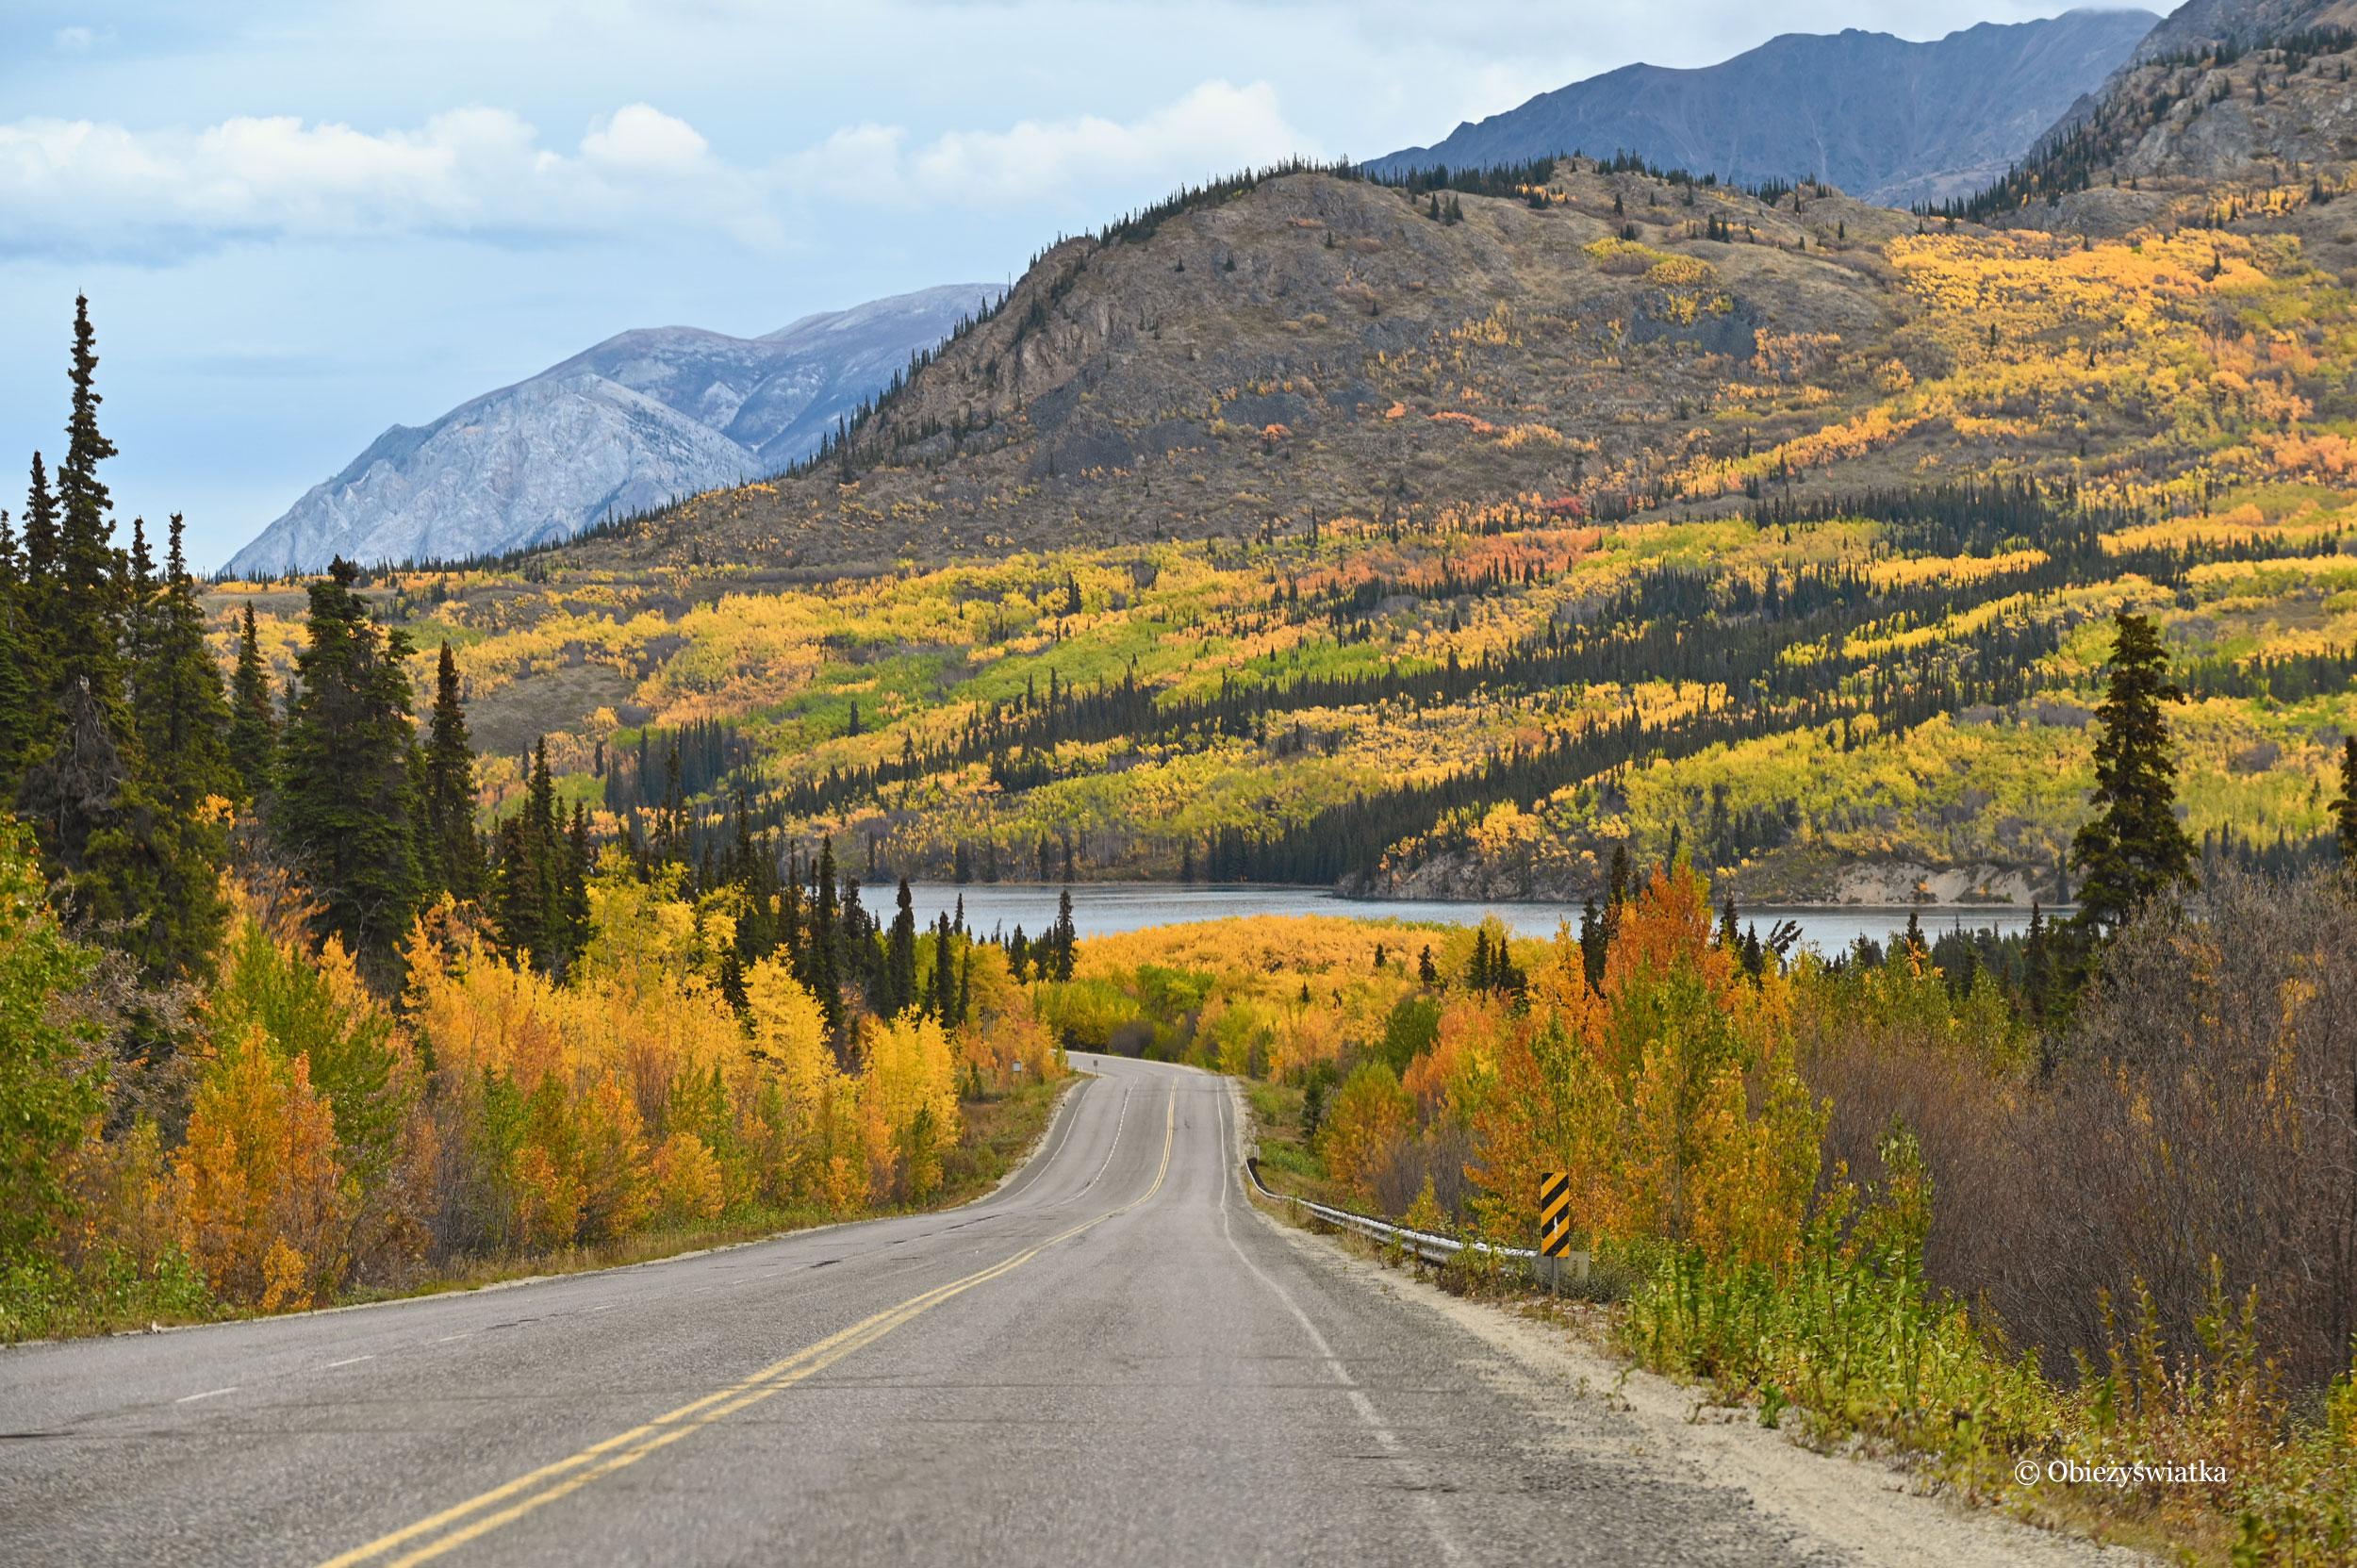 Góry, lasy w jesiennej szacie - Yukon, Klondike Highway, Kanada